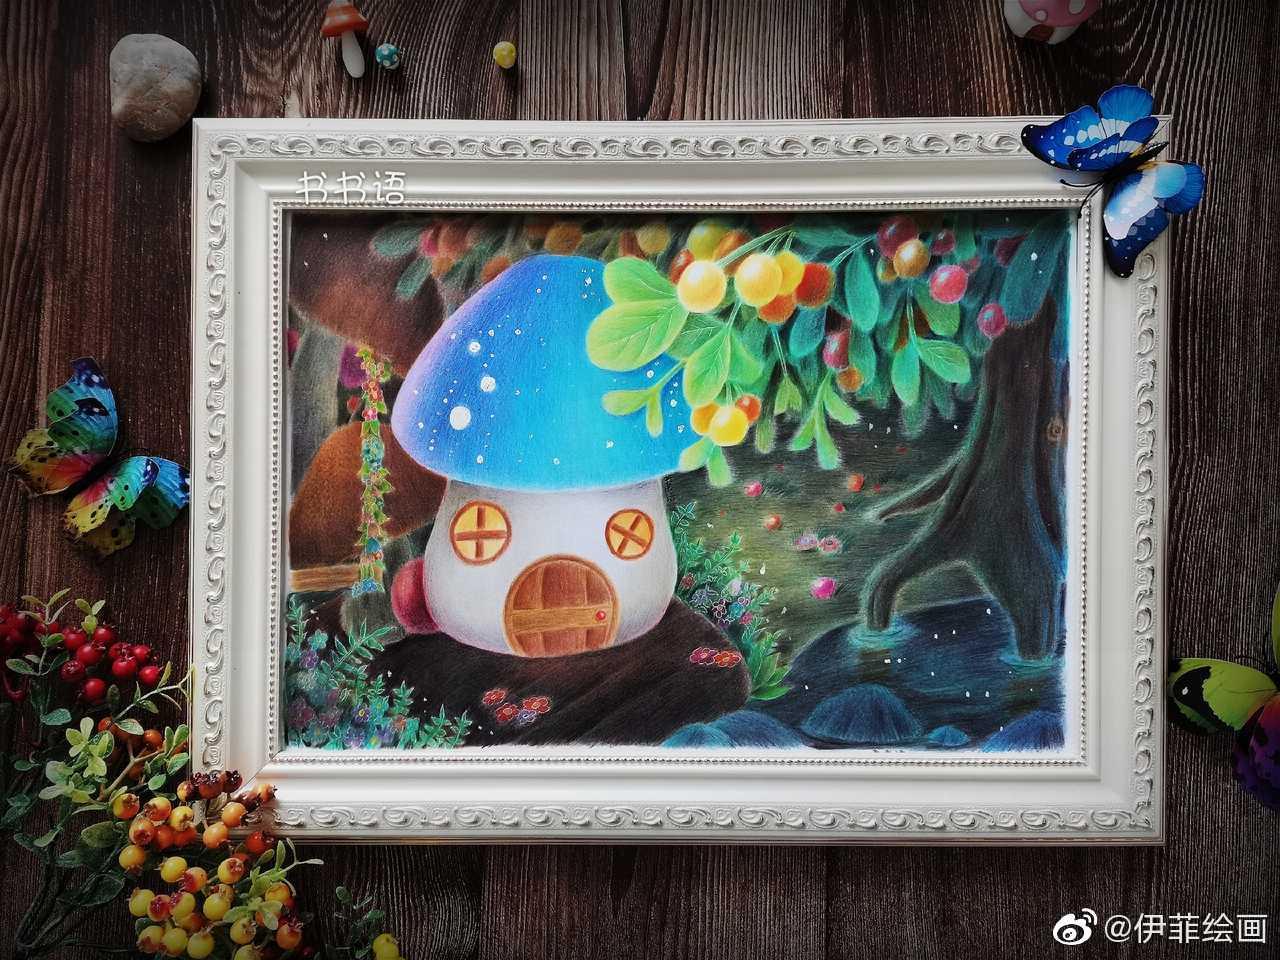 彩铅手绘作品欣赏   书书语原创彩铅绘之《浆果树下的小屋》